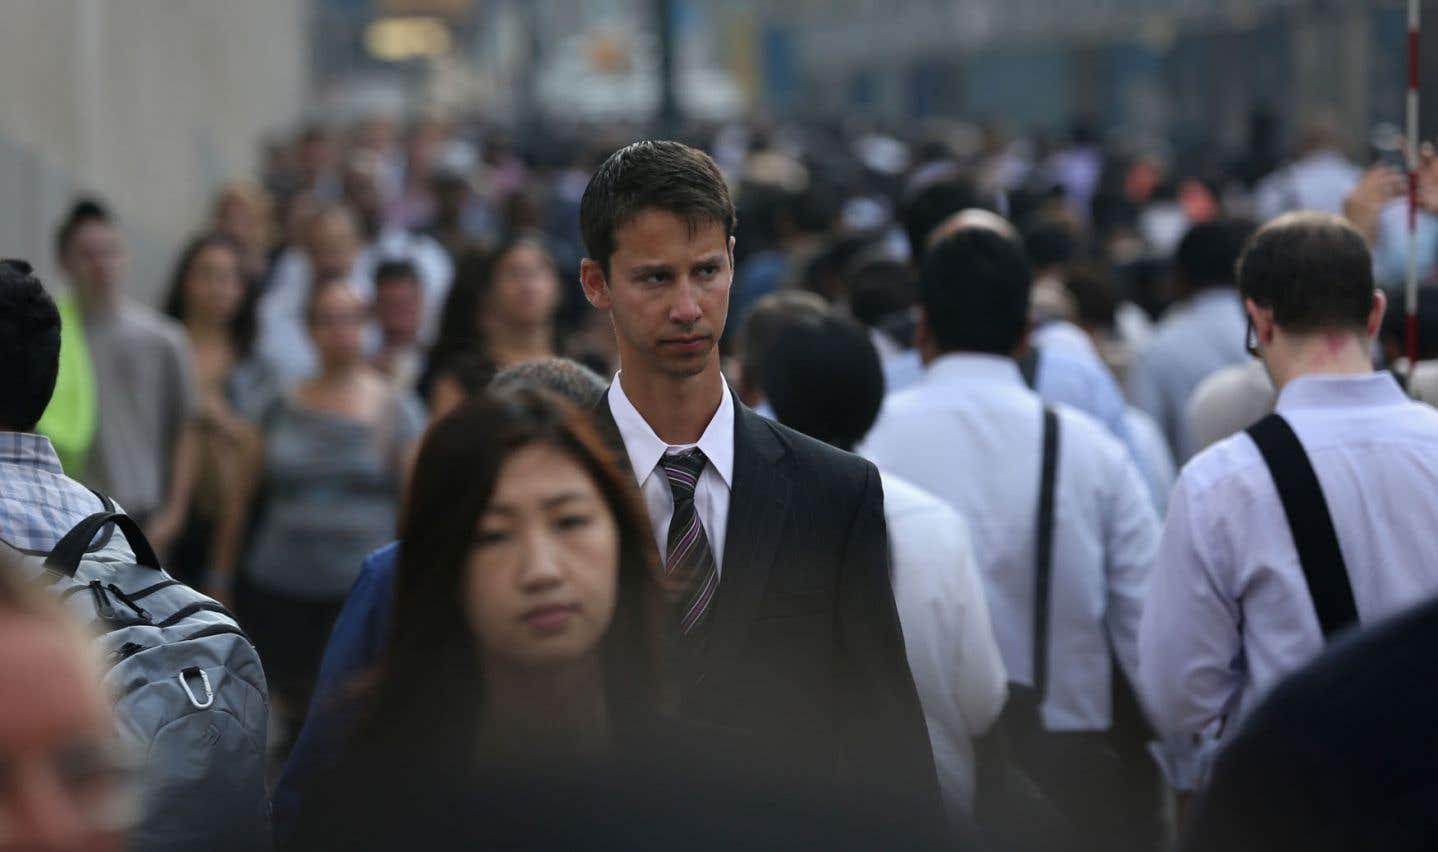 Les États-Unis sont talonnés par la Chine